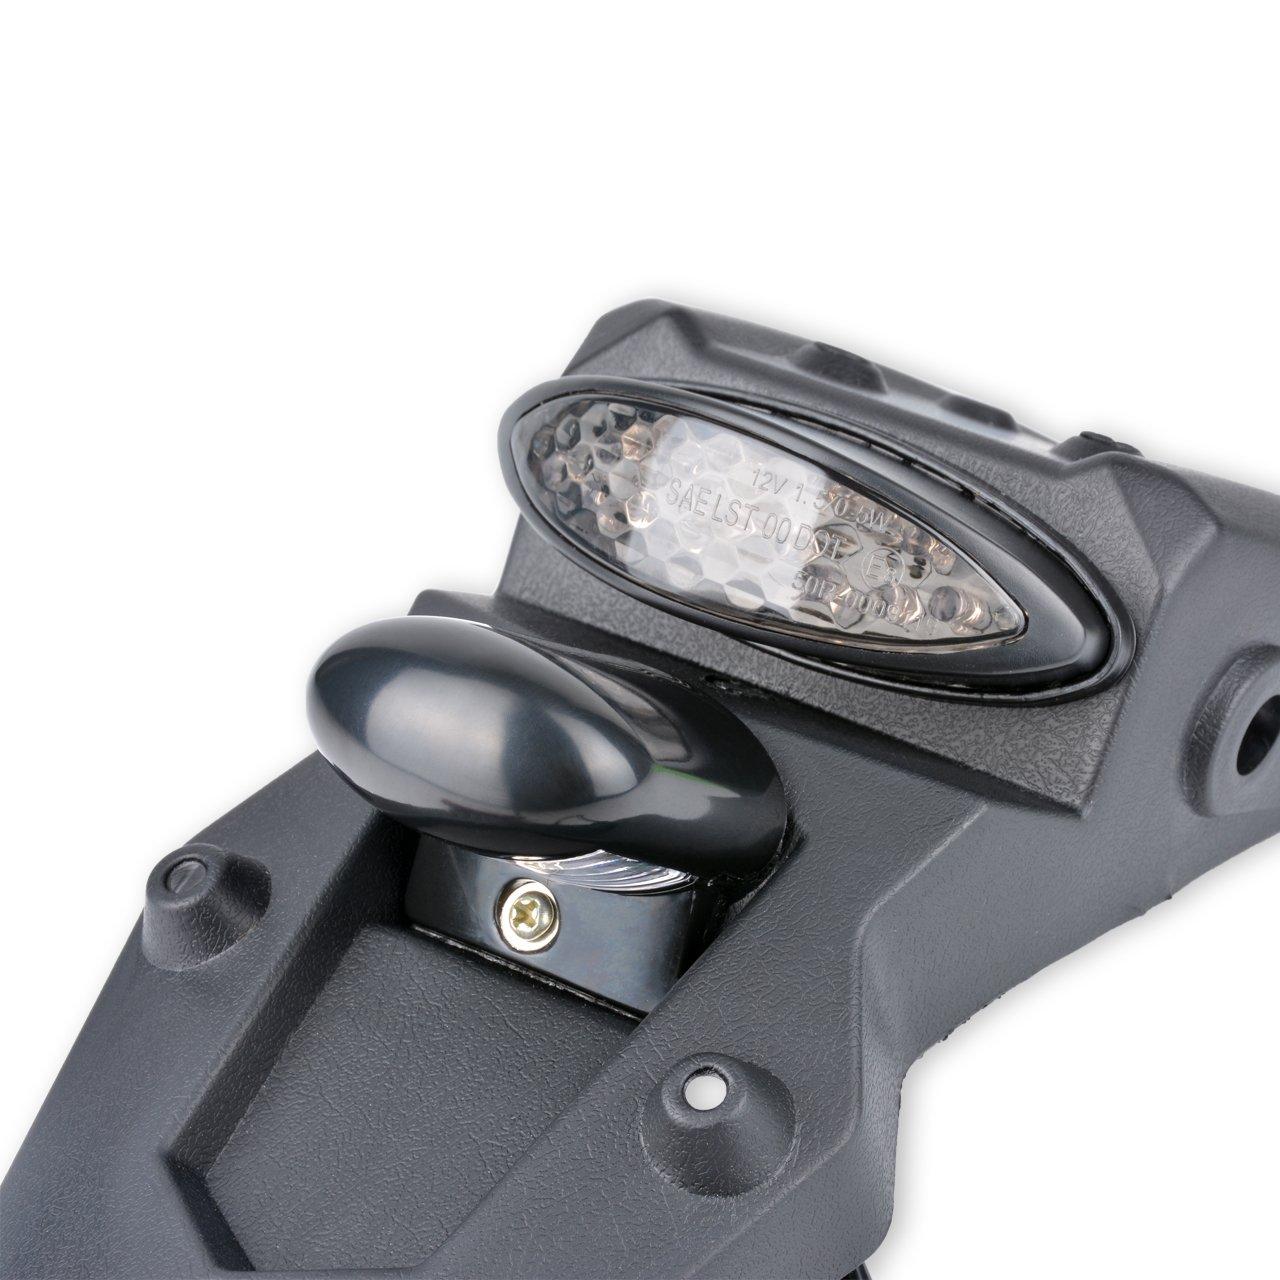 fum/ée KaTur Garde-boue et feu arri/ère LED 12/V universel pour moto r/éflecteur de lumi/ère pour motocross avec feu de stop moto de sport moto de Pit Dirt